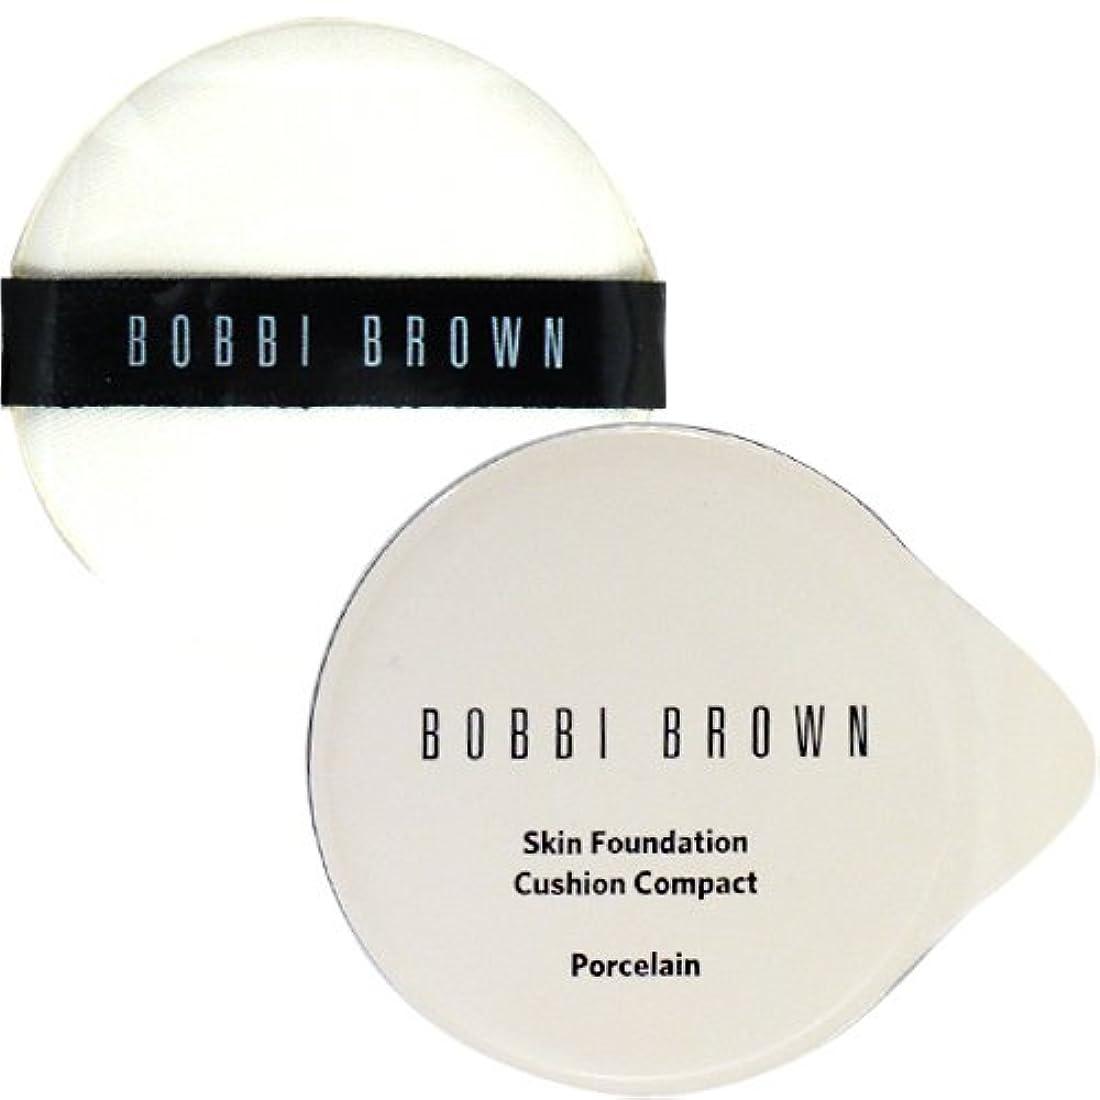 インスタントエミュレーション邪魔するボビイ ブラウン BOBBI BROWN スキンファンデーション クッションコンパクト SPF50(PA+++) 【詰め替え用】 13g 【並行輸入品】 【並行輸入品】 3 (在庫)